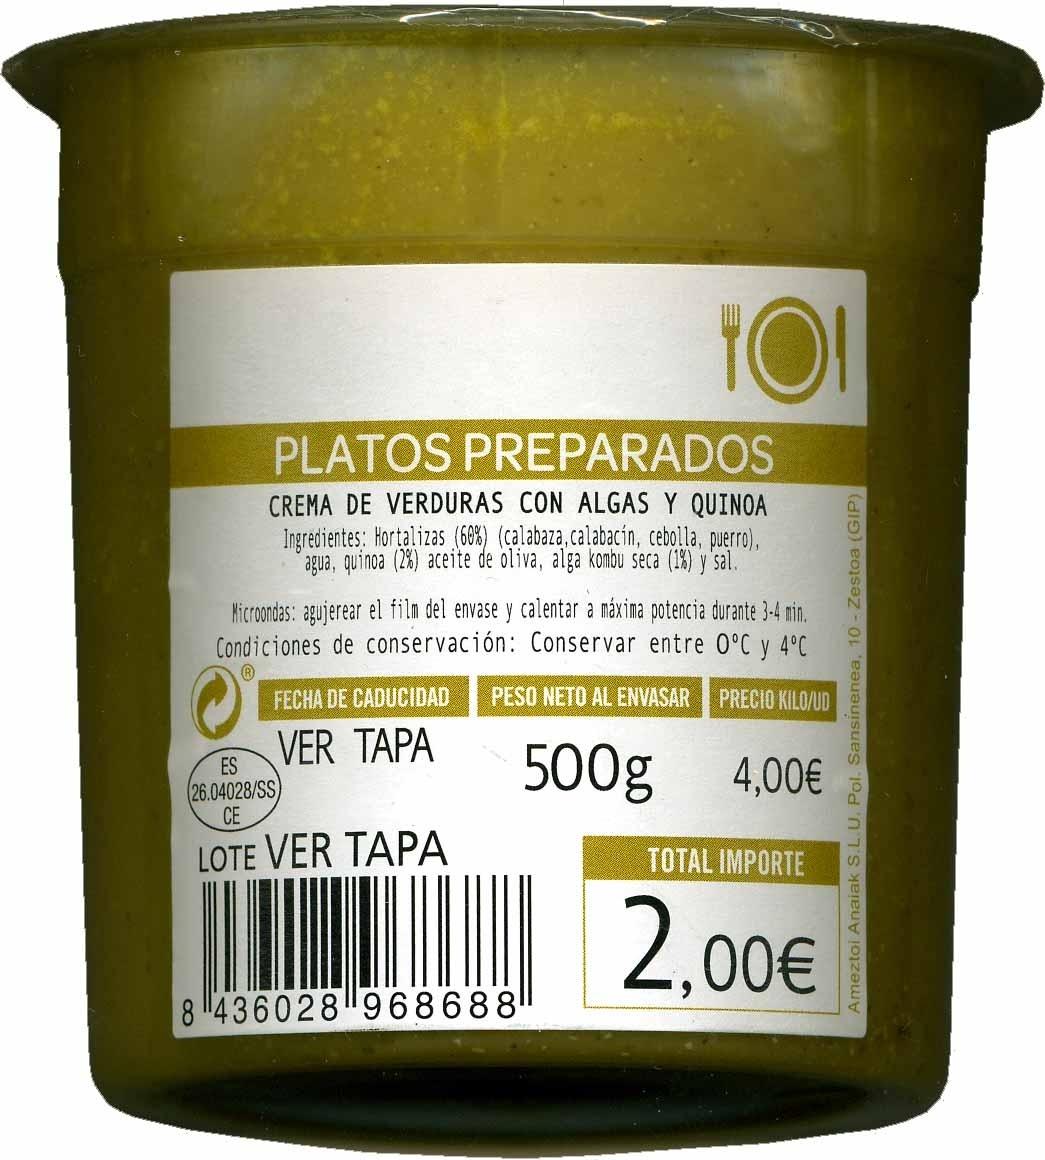 Crema de verduras con algas y quinoa - Producto